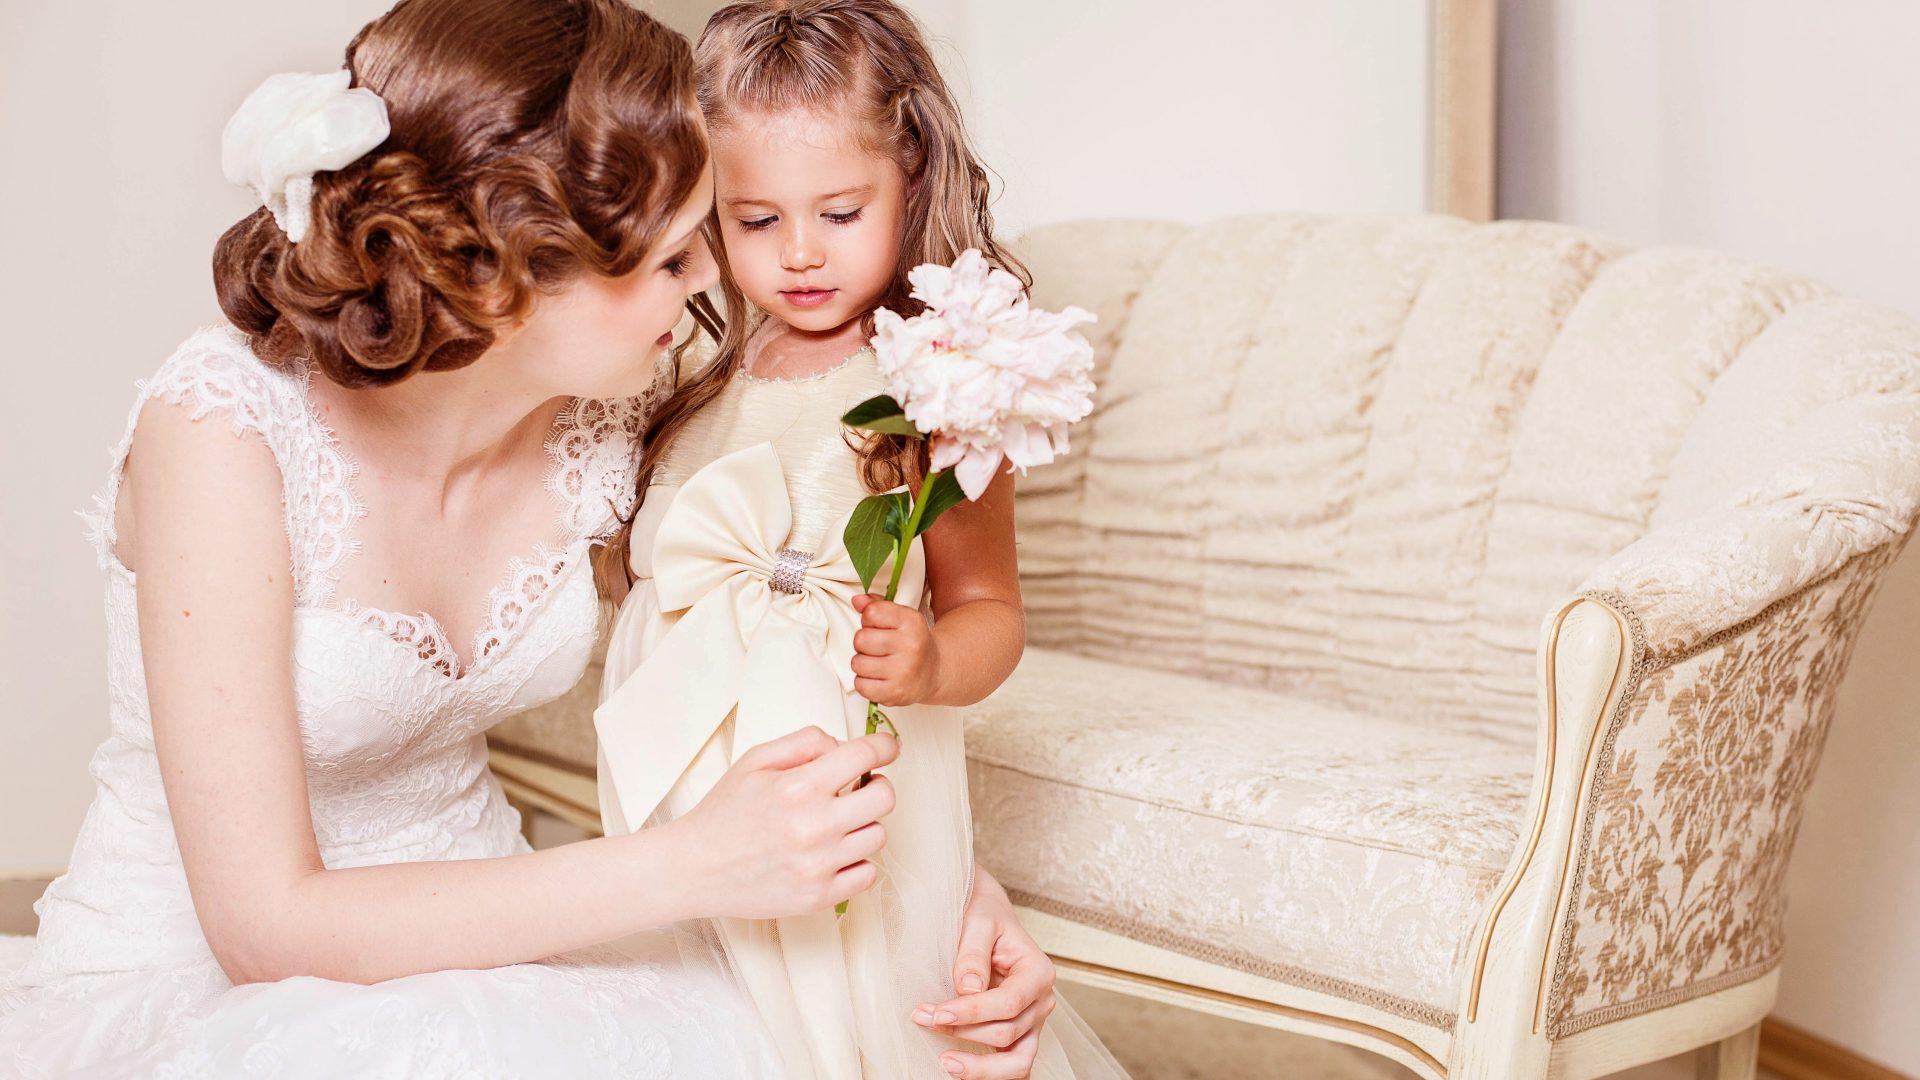 Brautkleid kaufen: Die besten Tipps - HEROLD.AT